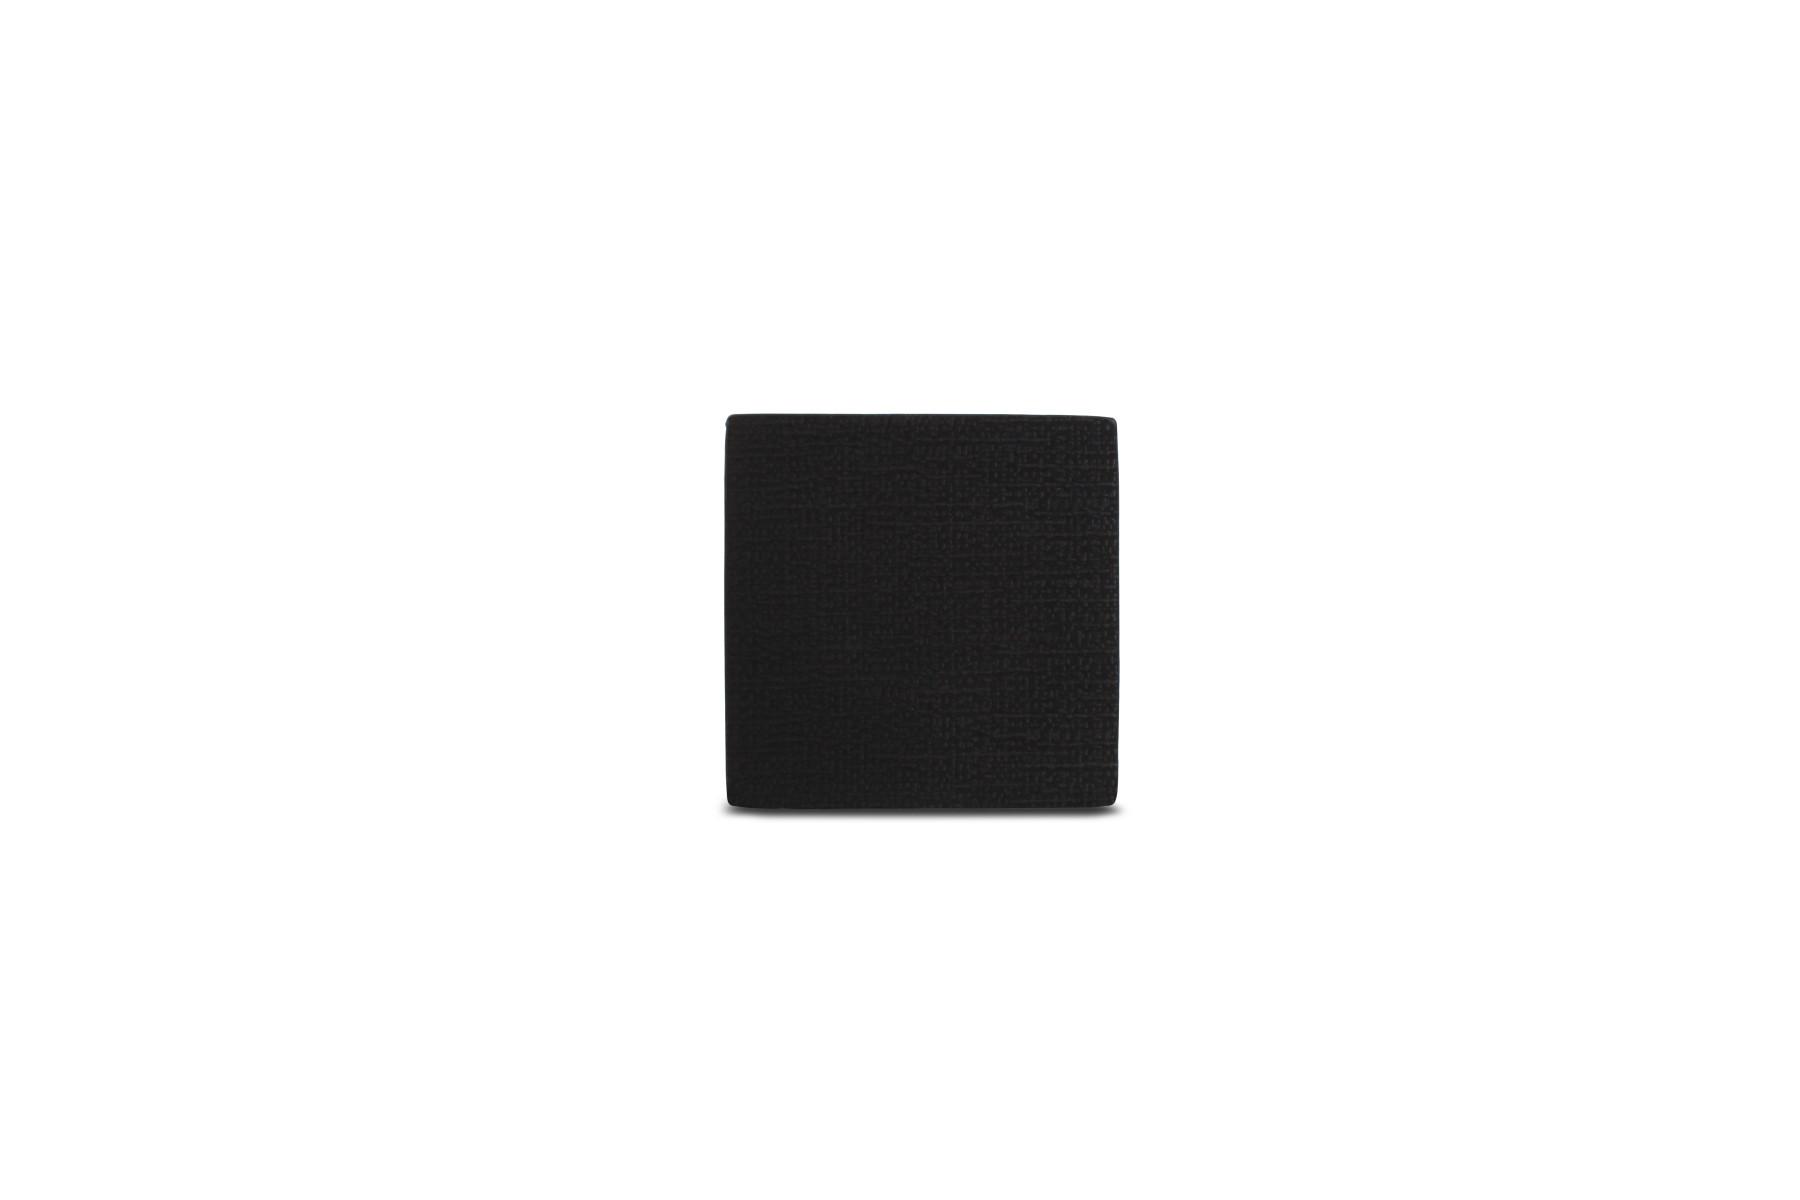 Salt & Pepper – GLASONDERZETTER LEDERLOOK ZWART TABLETOP-SET/4